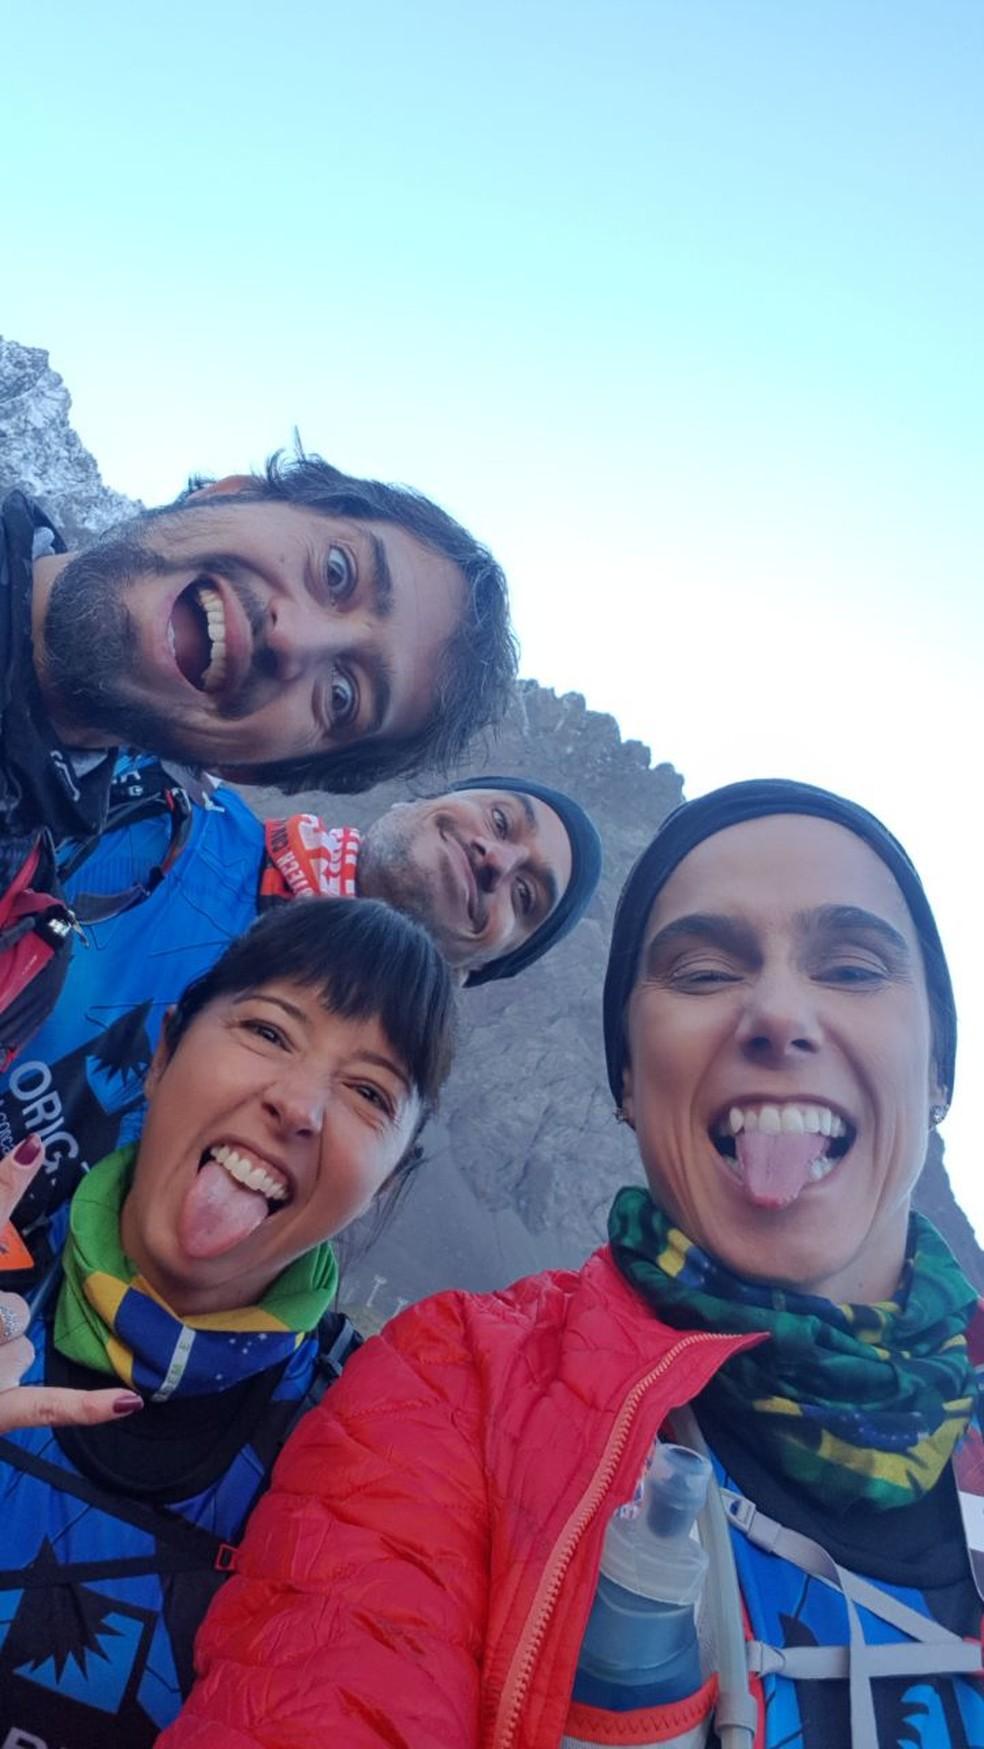 O El Origen Aconcágua não foi apenas uma corrida, foi uma experiência, um encontro entre amigos apaixonados e loucos (uns mais do que outros) por corrida e ávidos pela vida. (Foto: cris perroni)